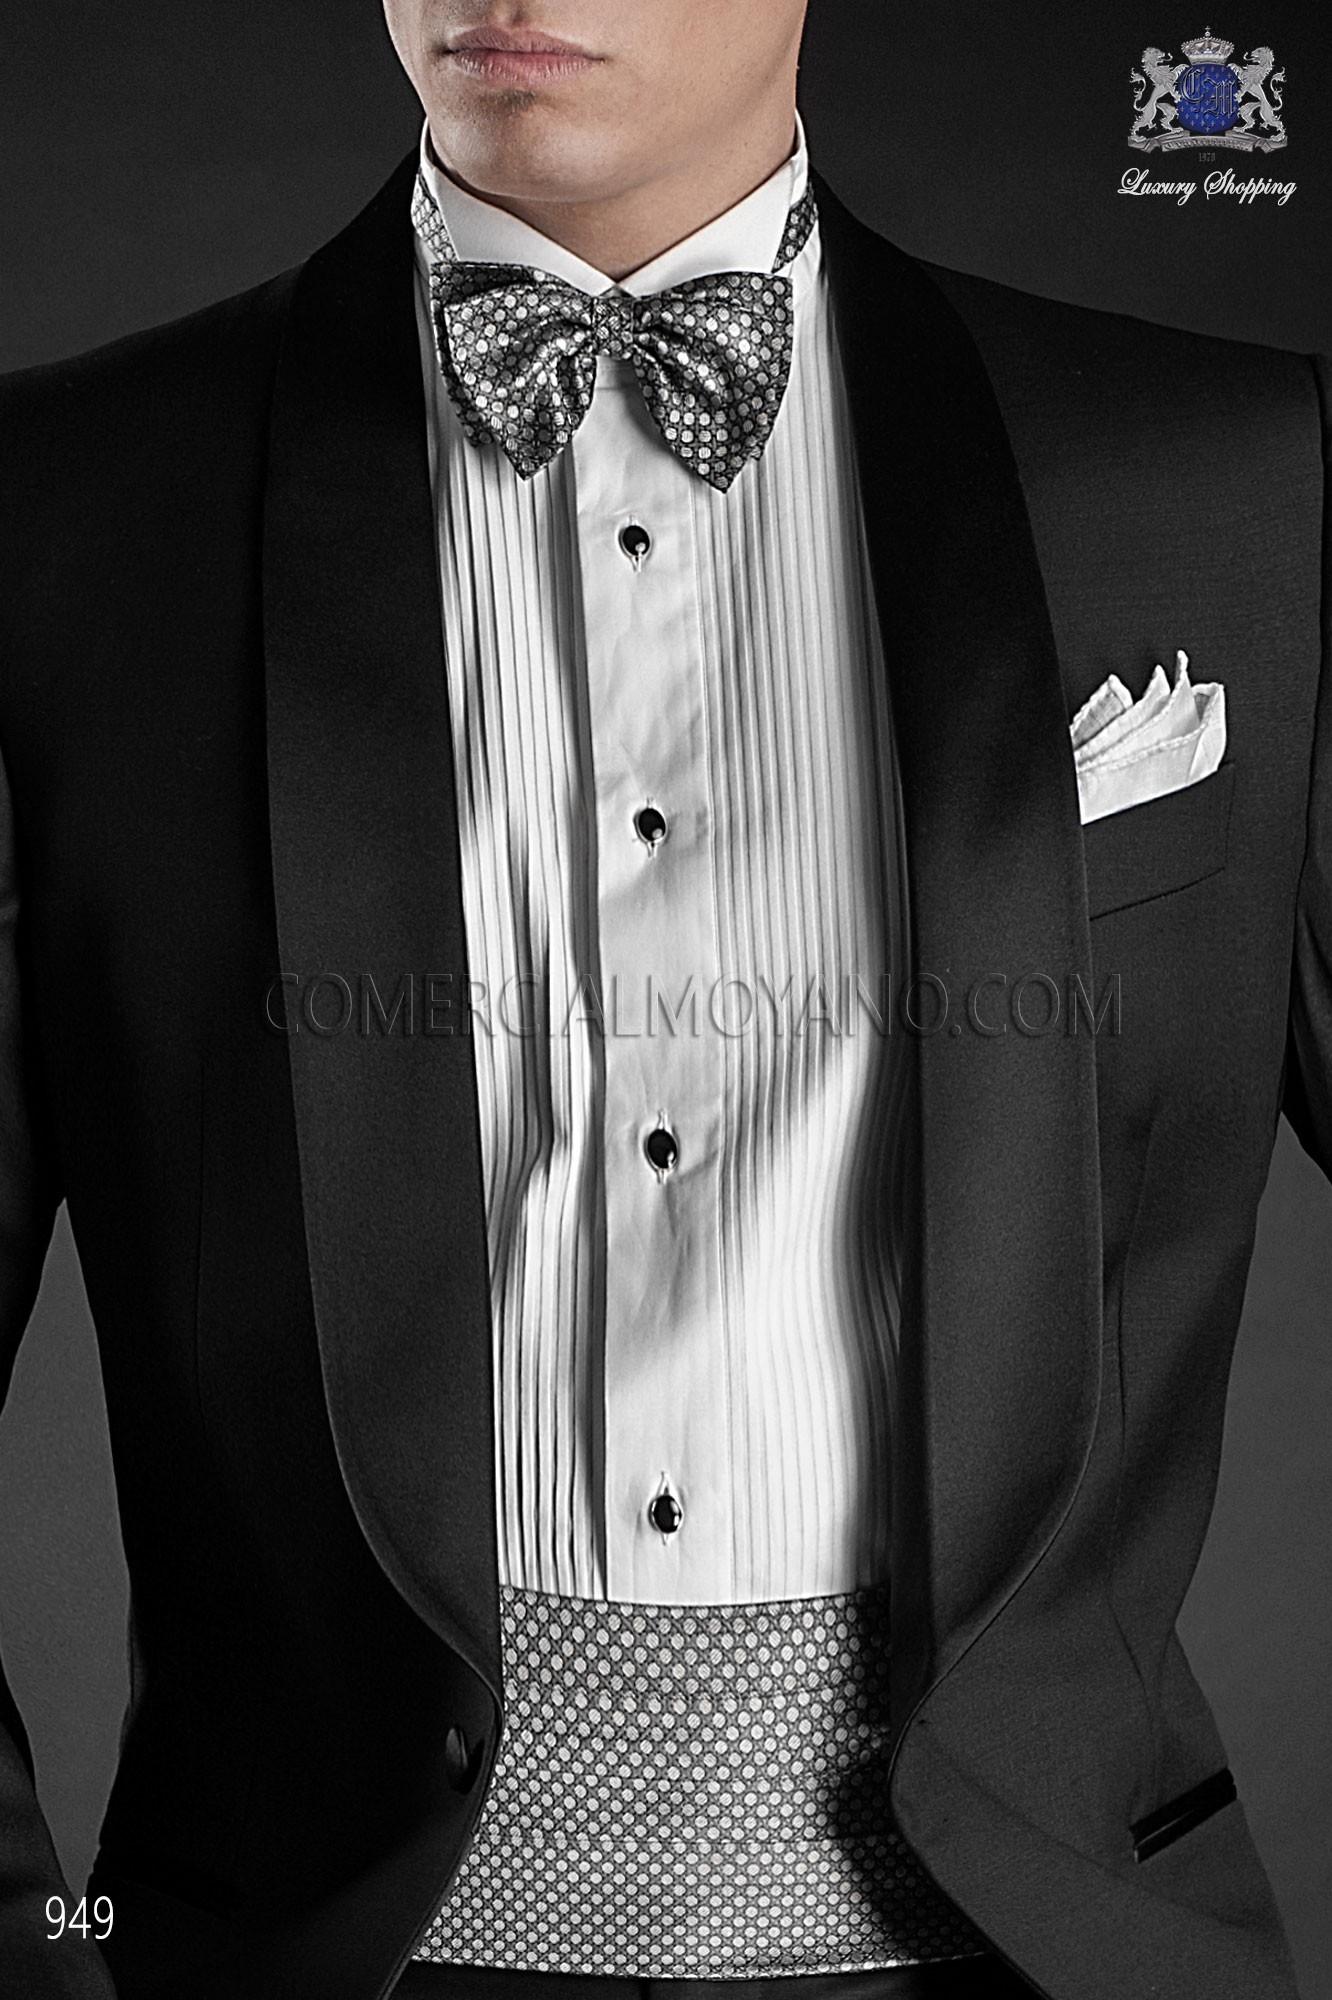 Traje BlackTie de novio negro modelo: 949 Ottavio Nuccio Gala colección Black Tie 2017